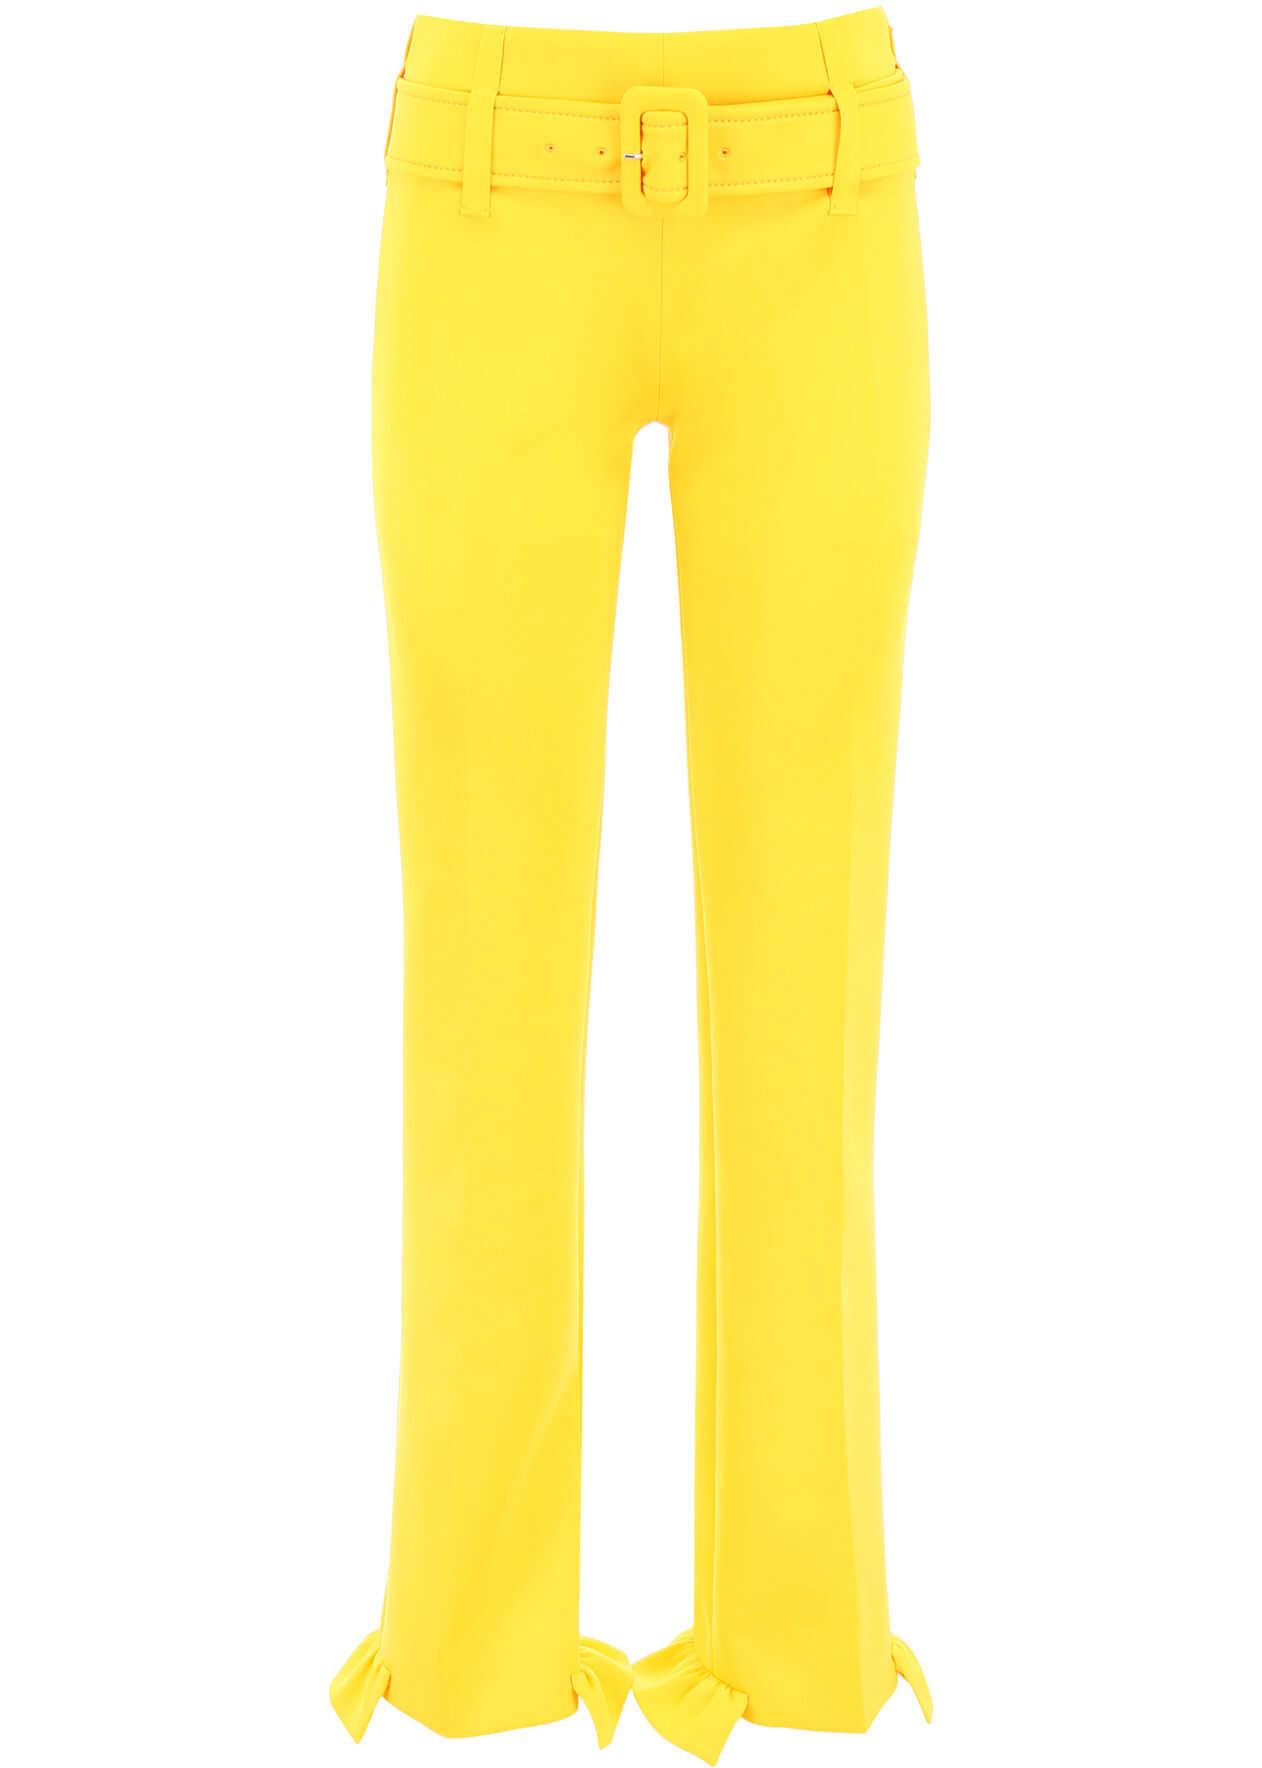 Prada Formal Trousers GIALLO GIALLO